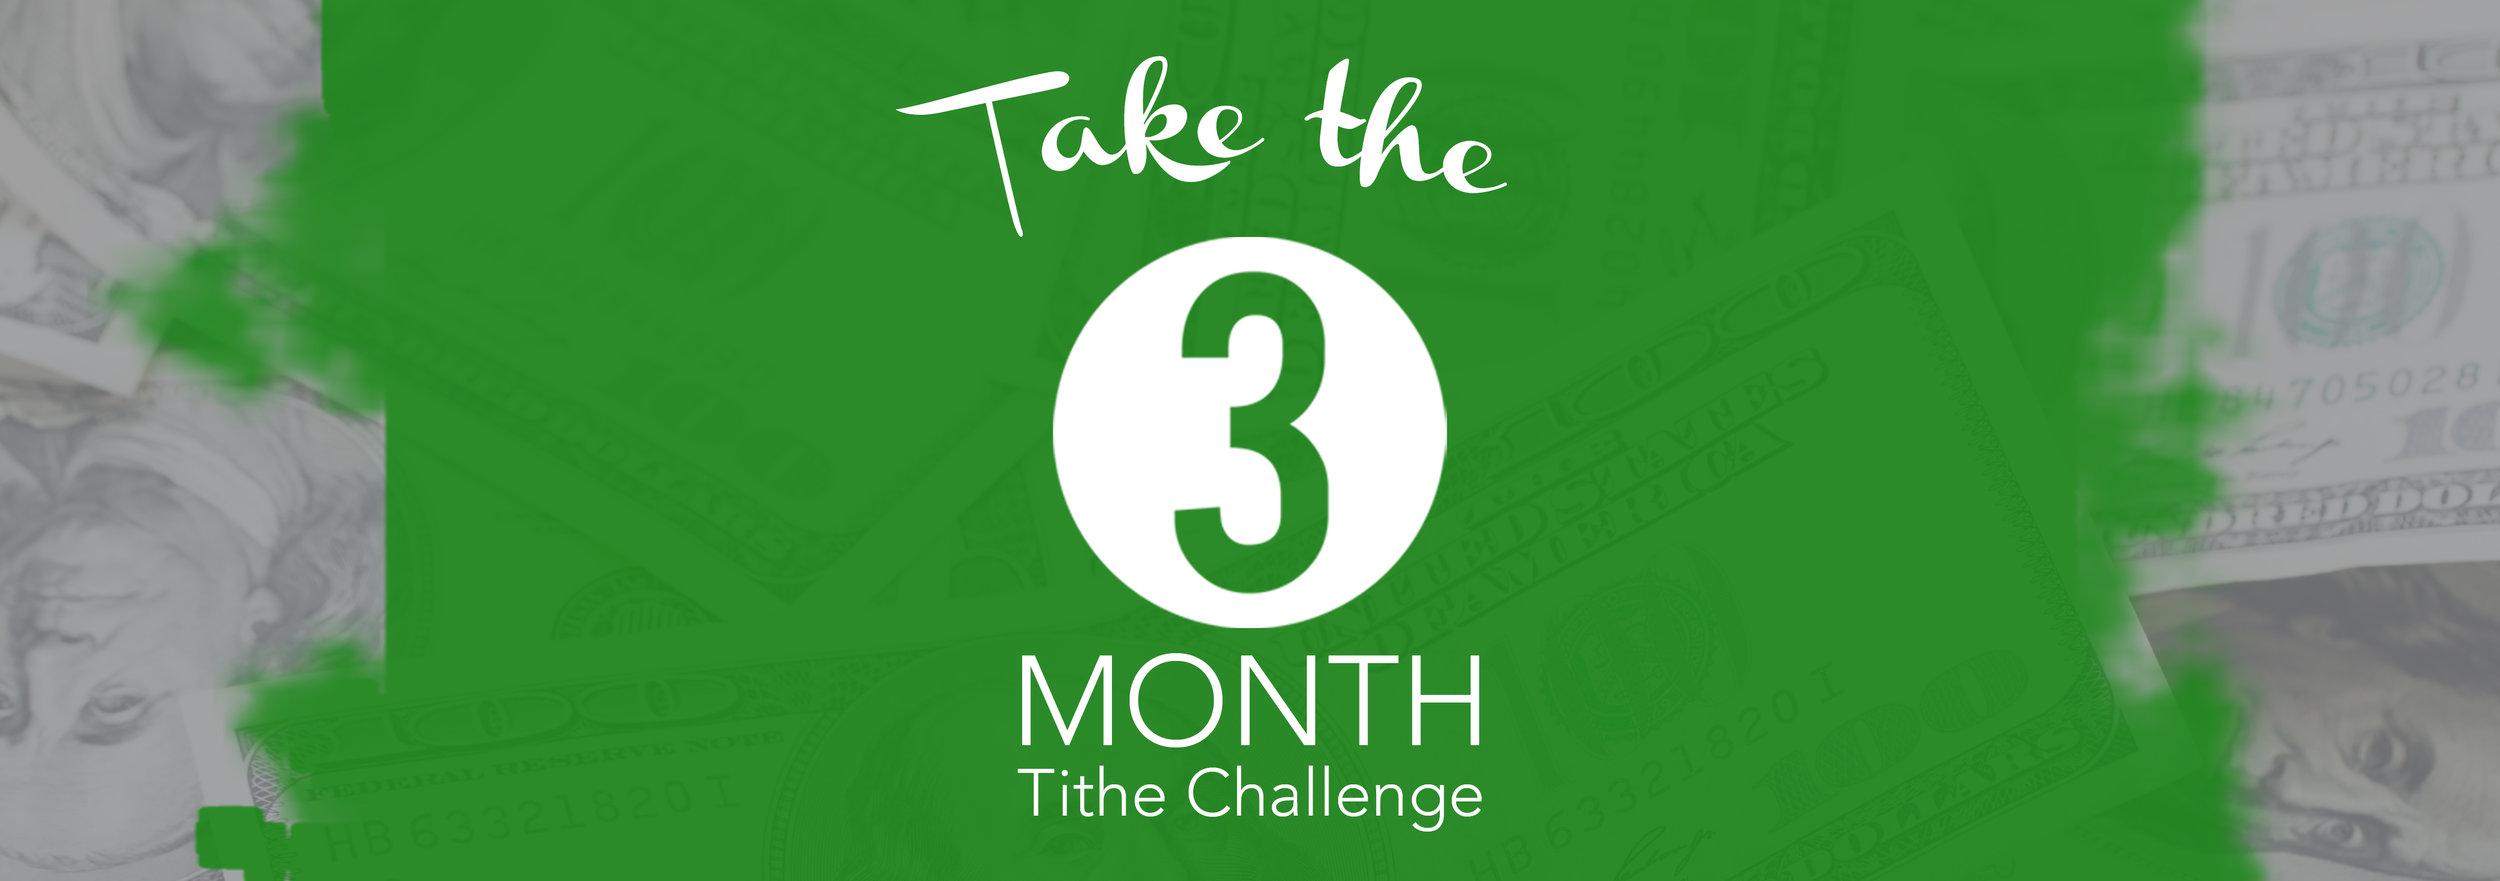 Tithe-Challenge-Button.jpg